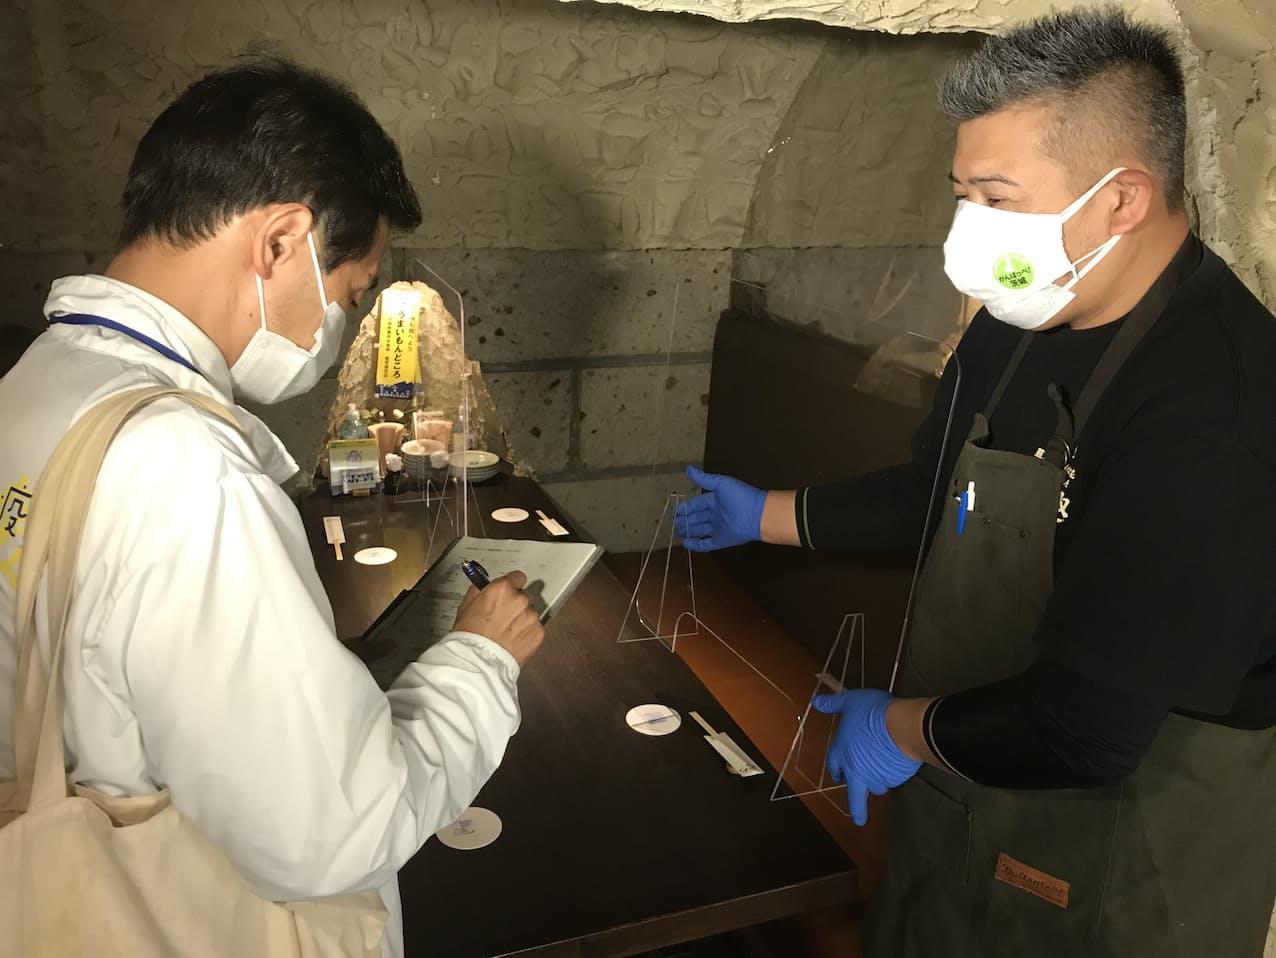 14日には酒趣の井坂さん㊨が茨城県職員にパーテーションの設置などを説明した(水戸市)